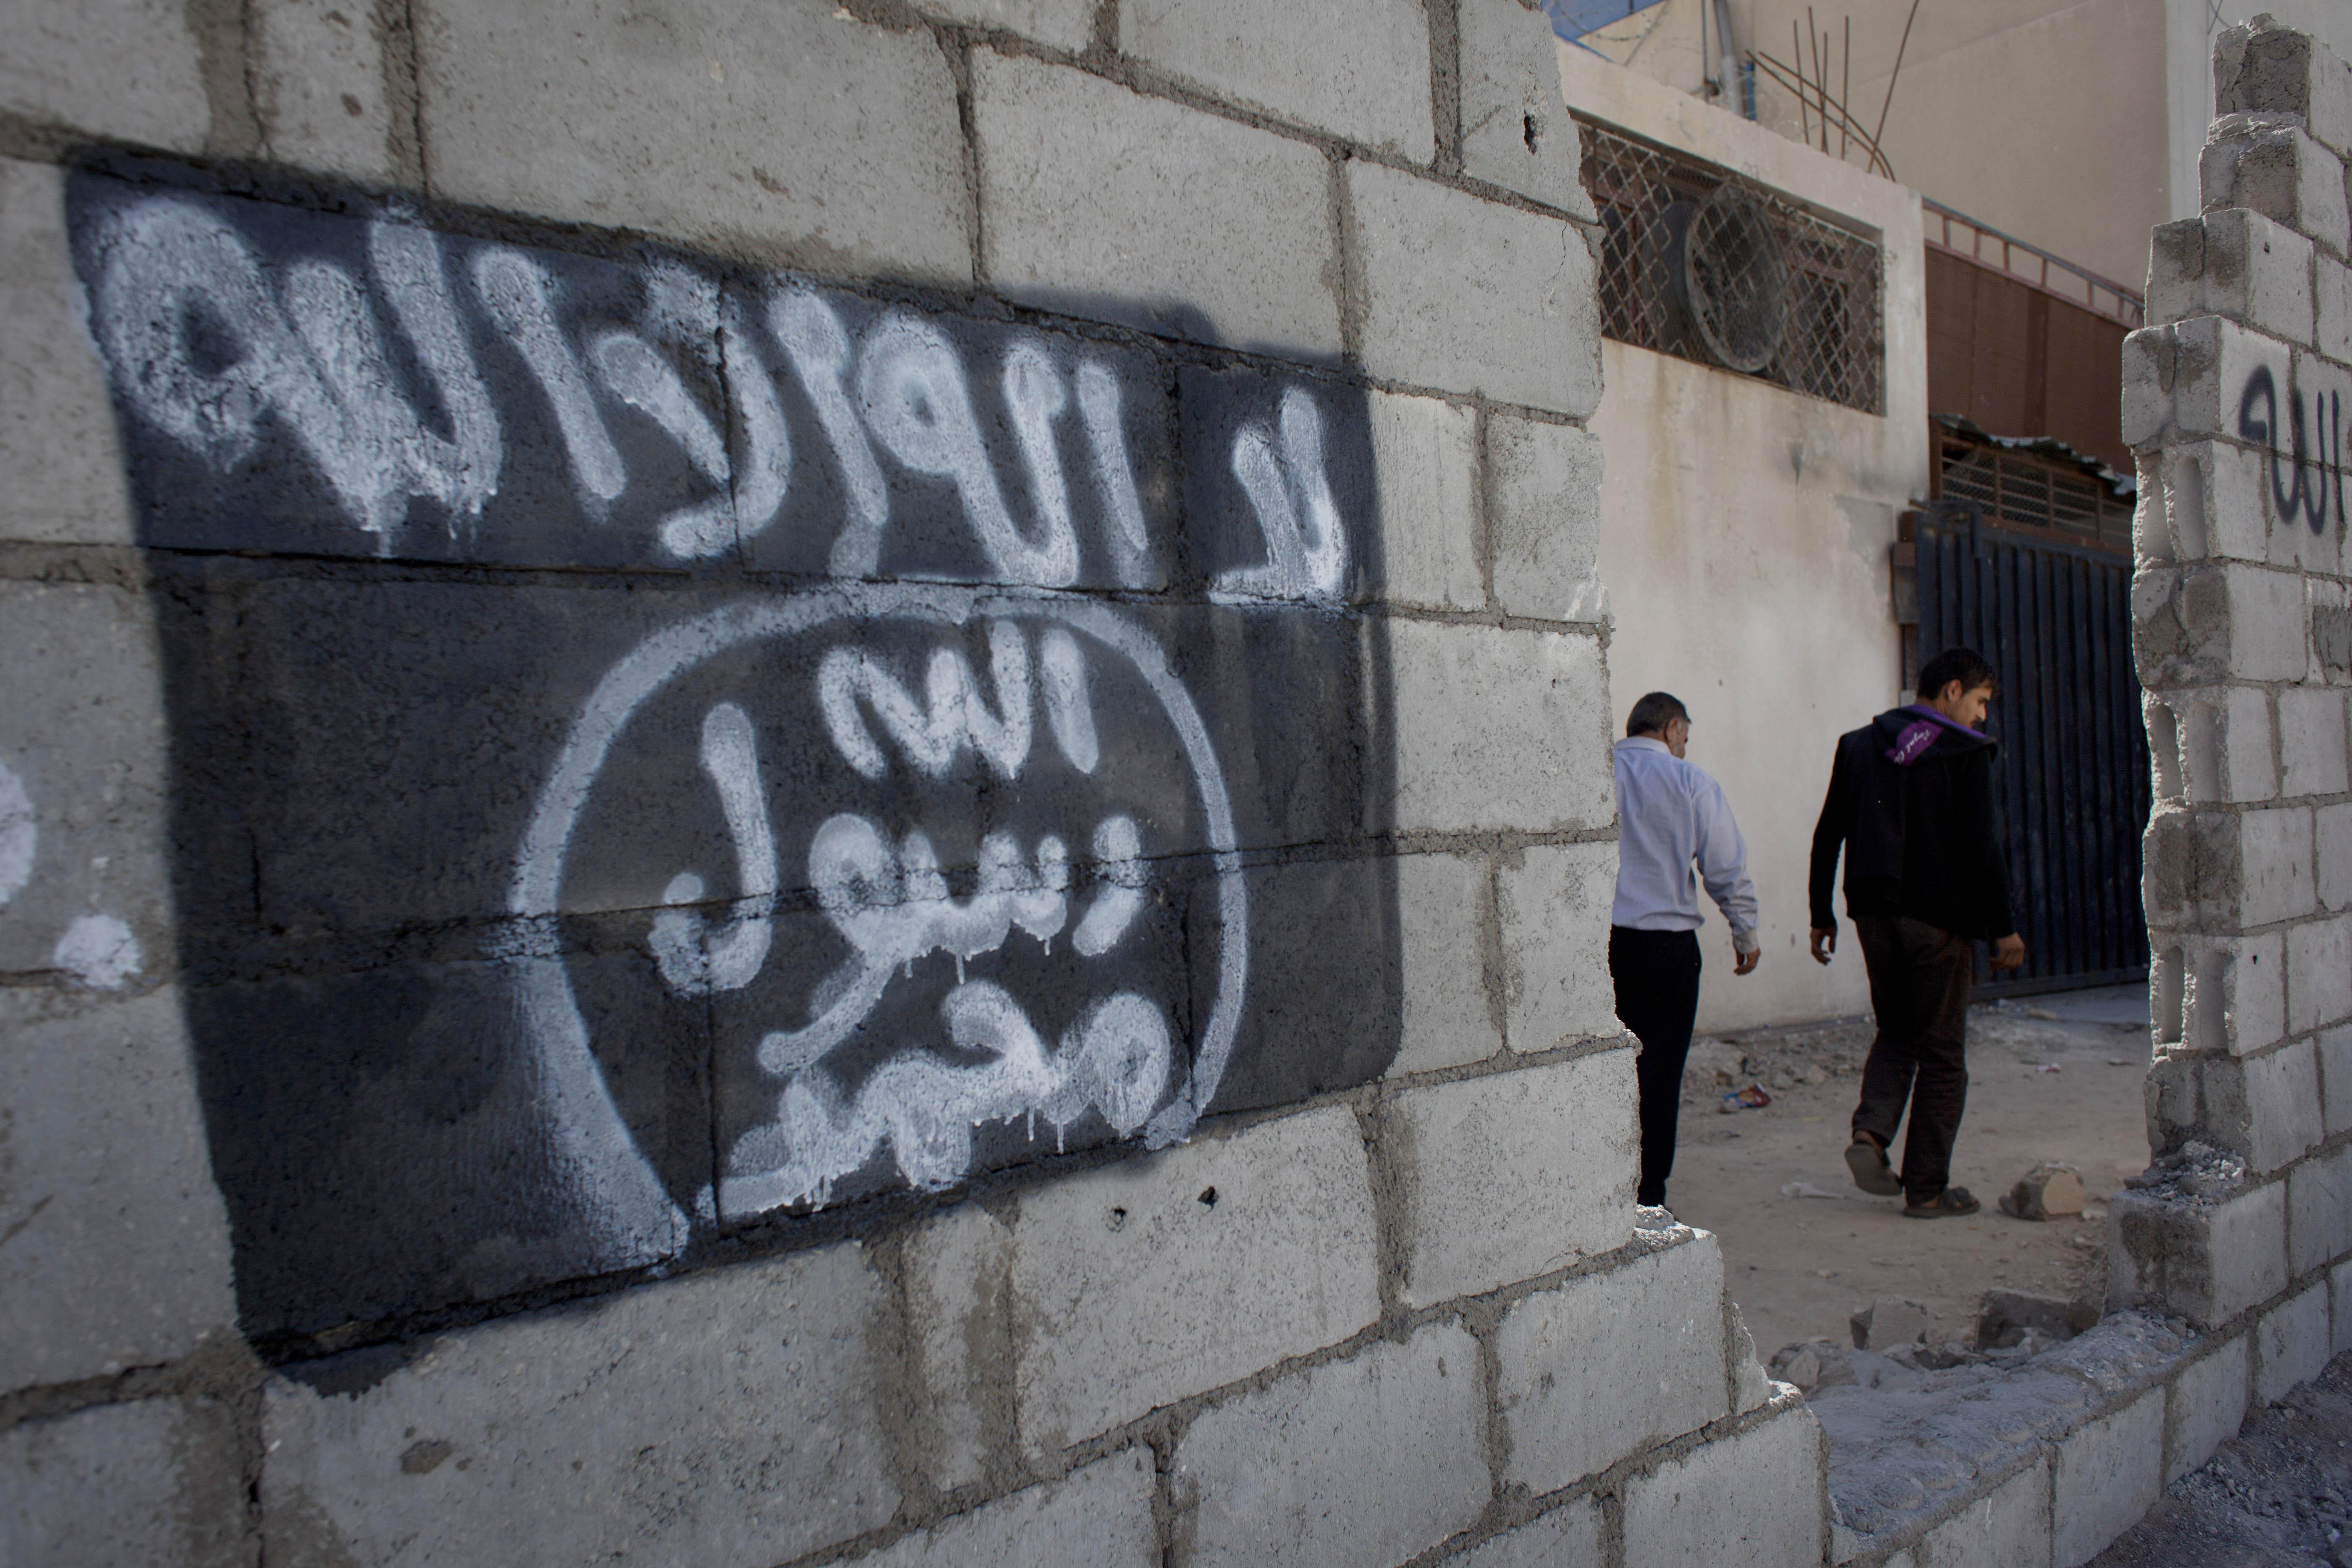 maan jordan islamic state